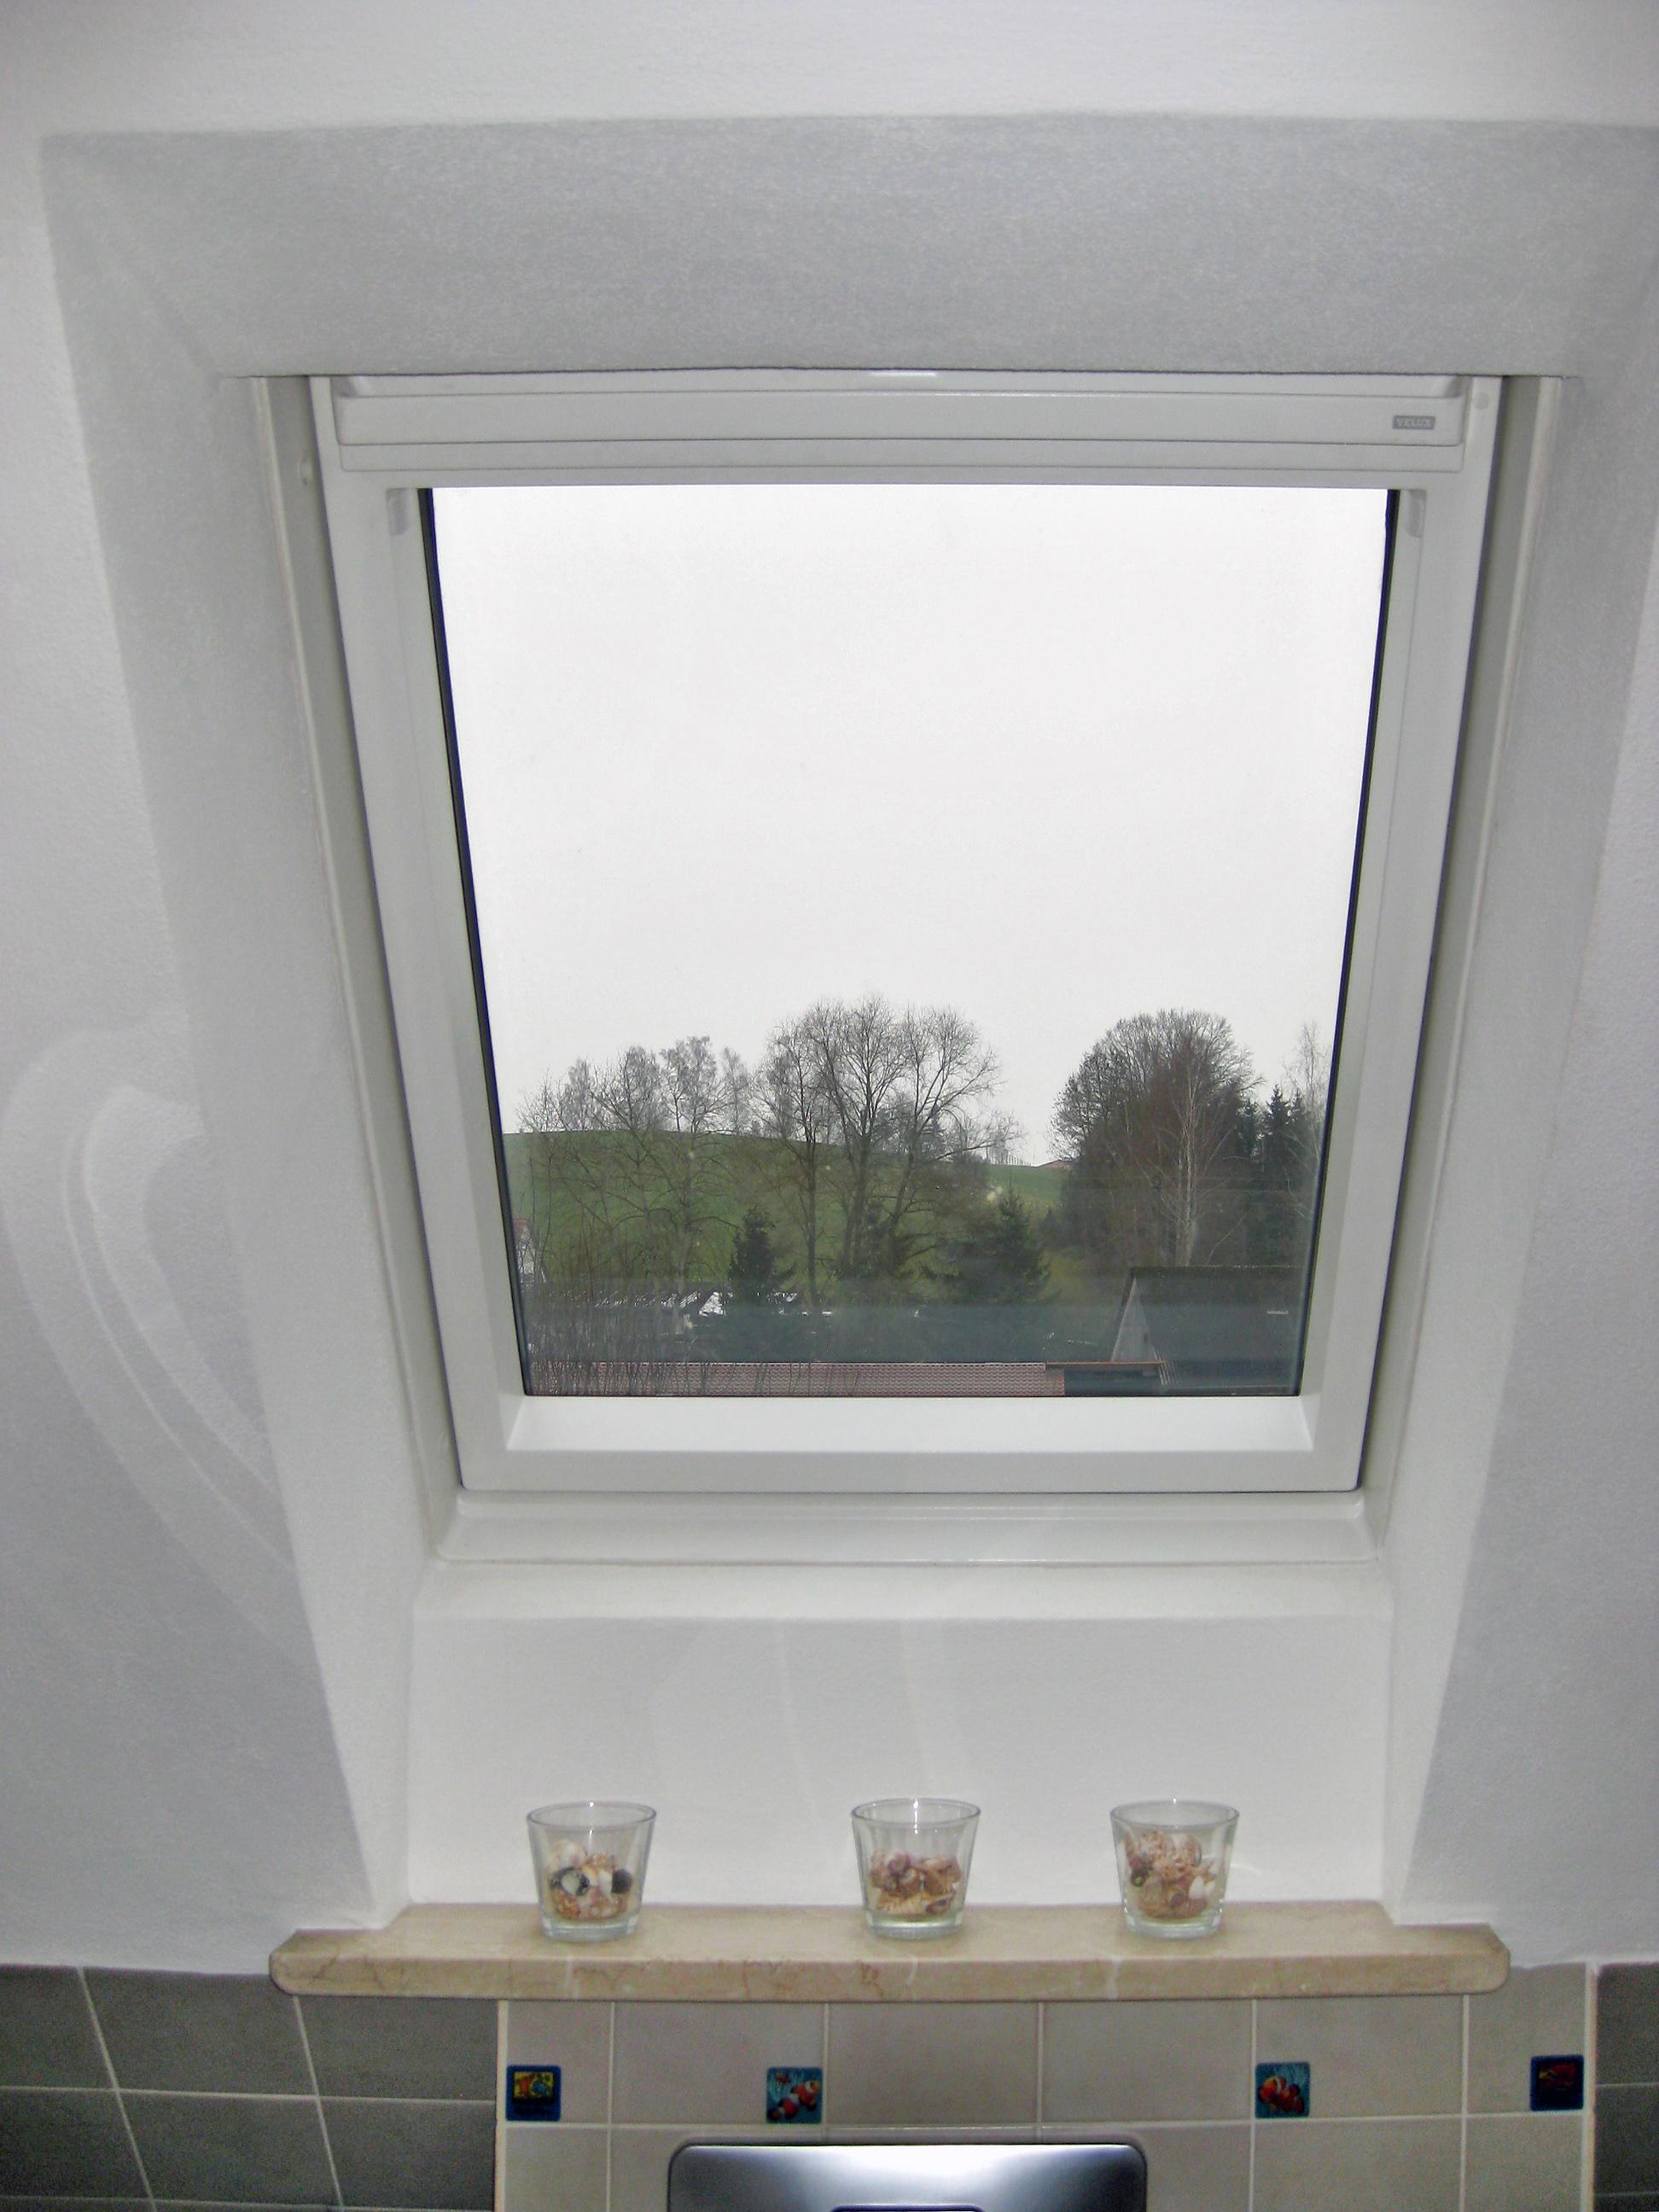 dachfenster tausch im bad zmg dieter g nther. Black Bedroom Furniture Sets. Home Design Ideas